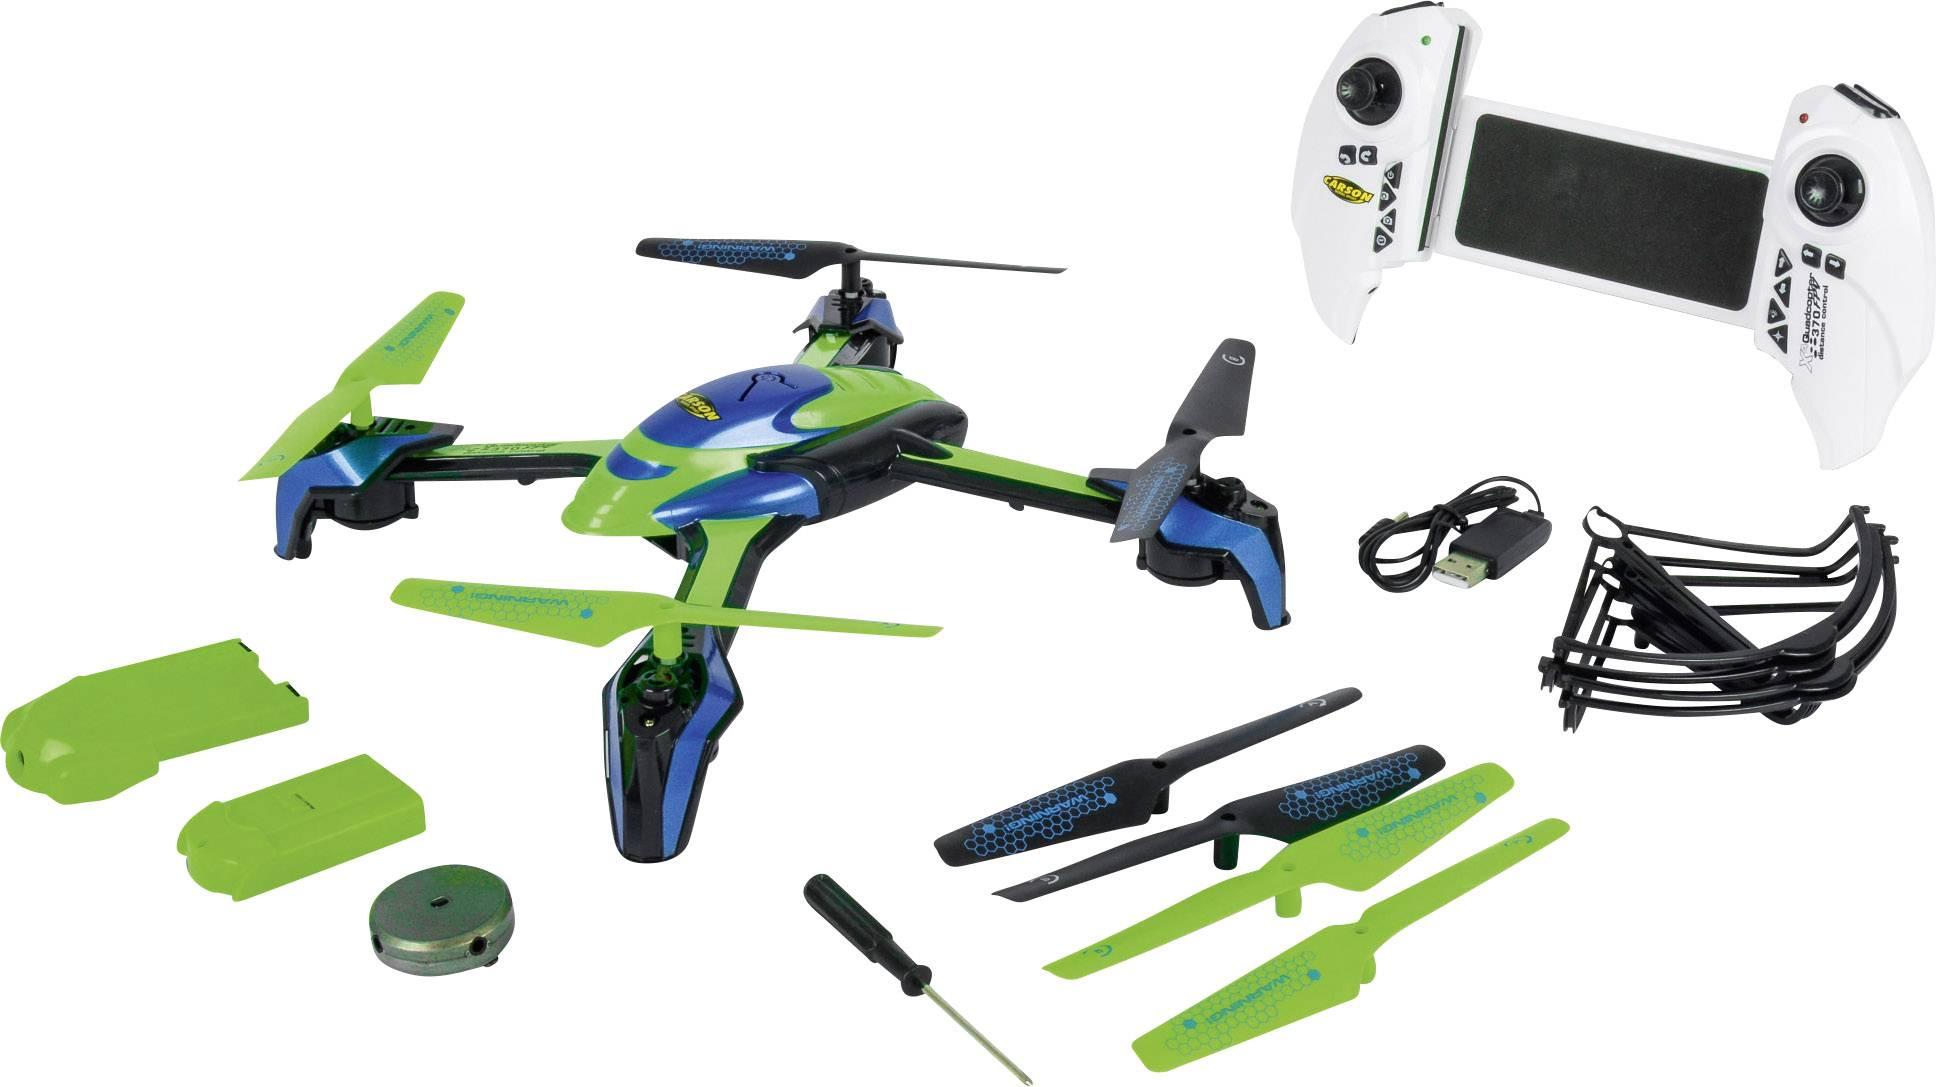 Dron Carson Modellsport X4 Distance Control, RtF, FPV